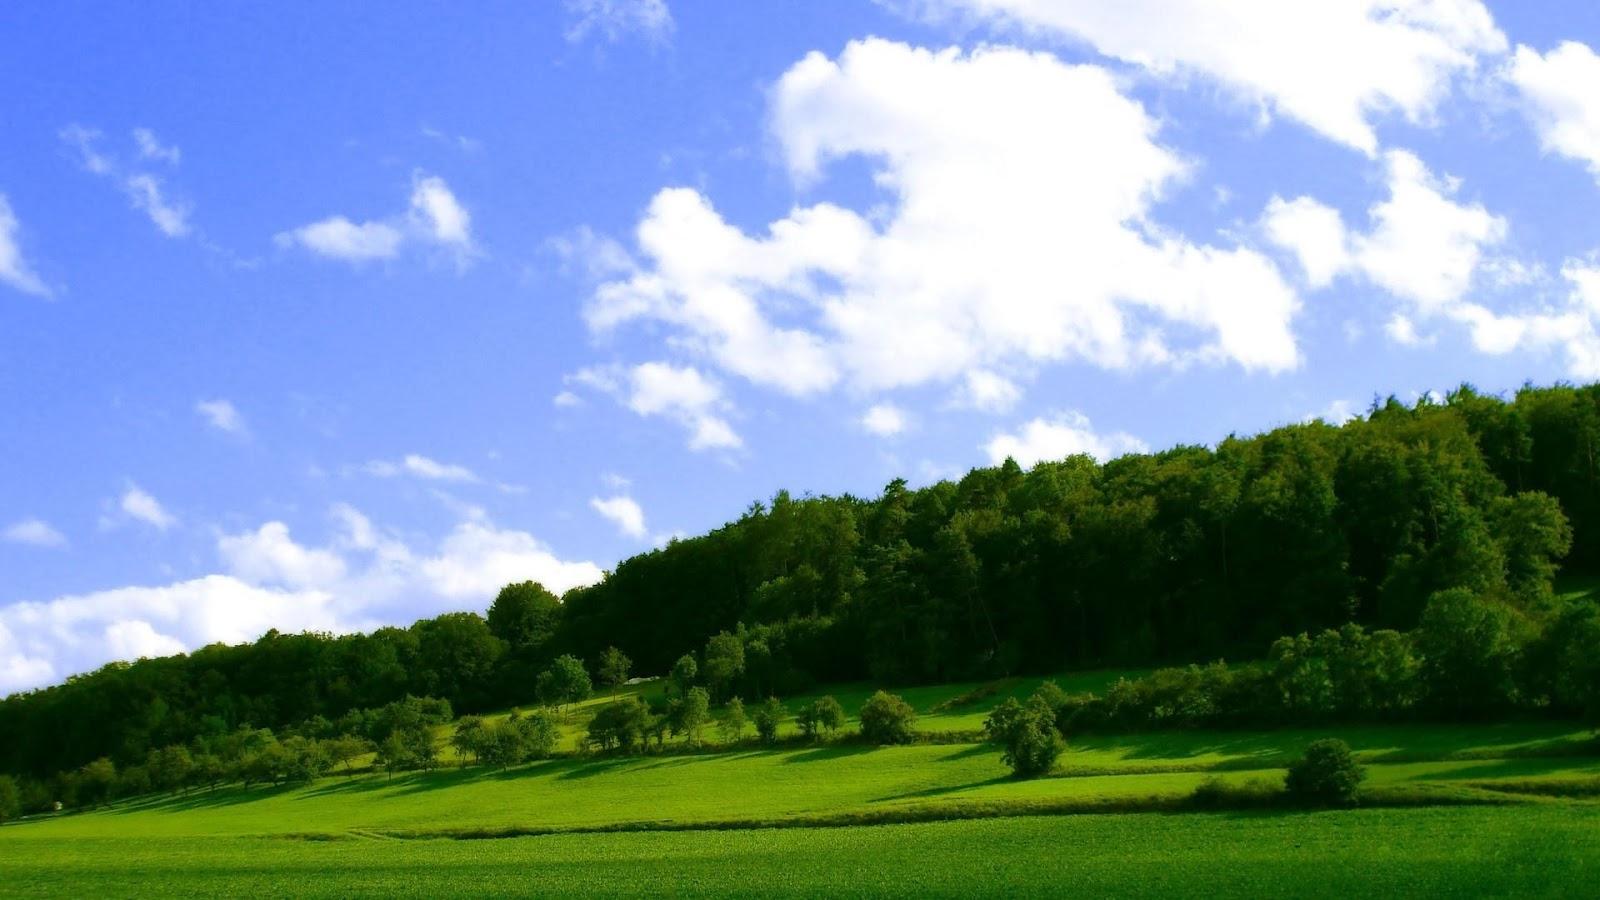 hình ảnh thiên nhiên phong cảnh đẹp (7)